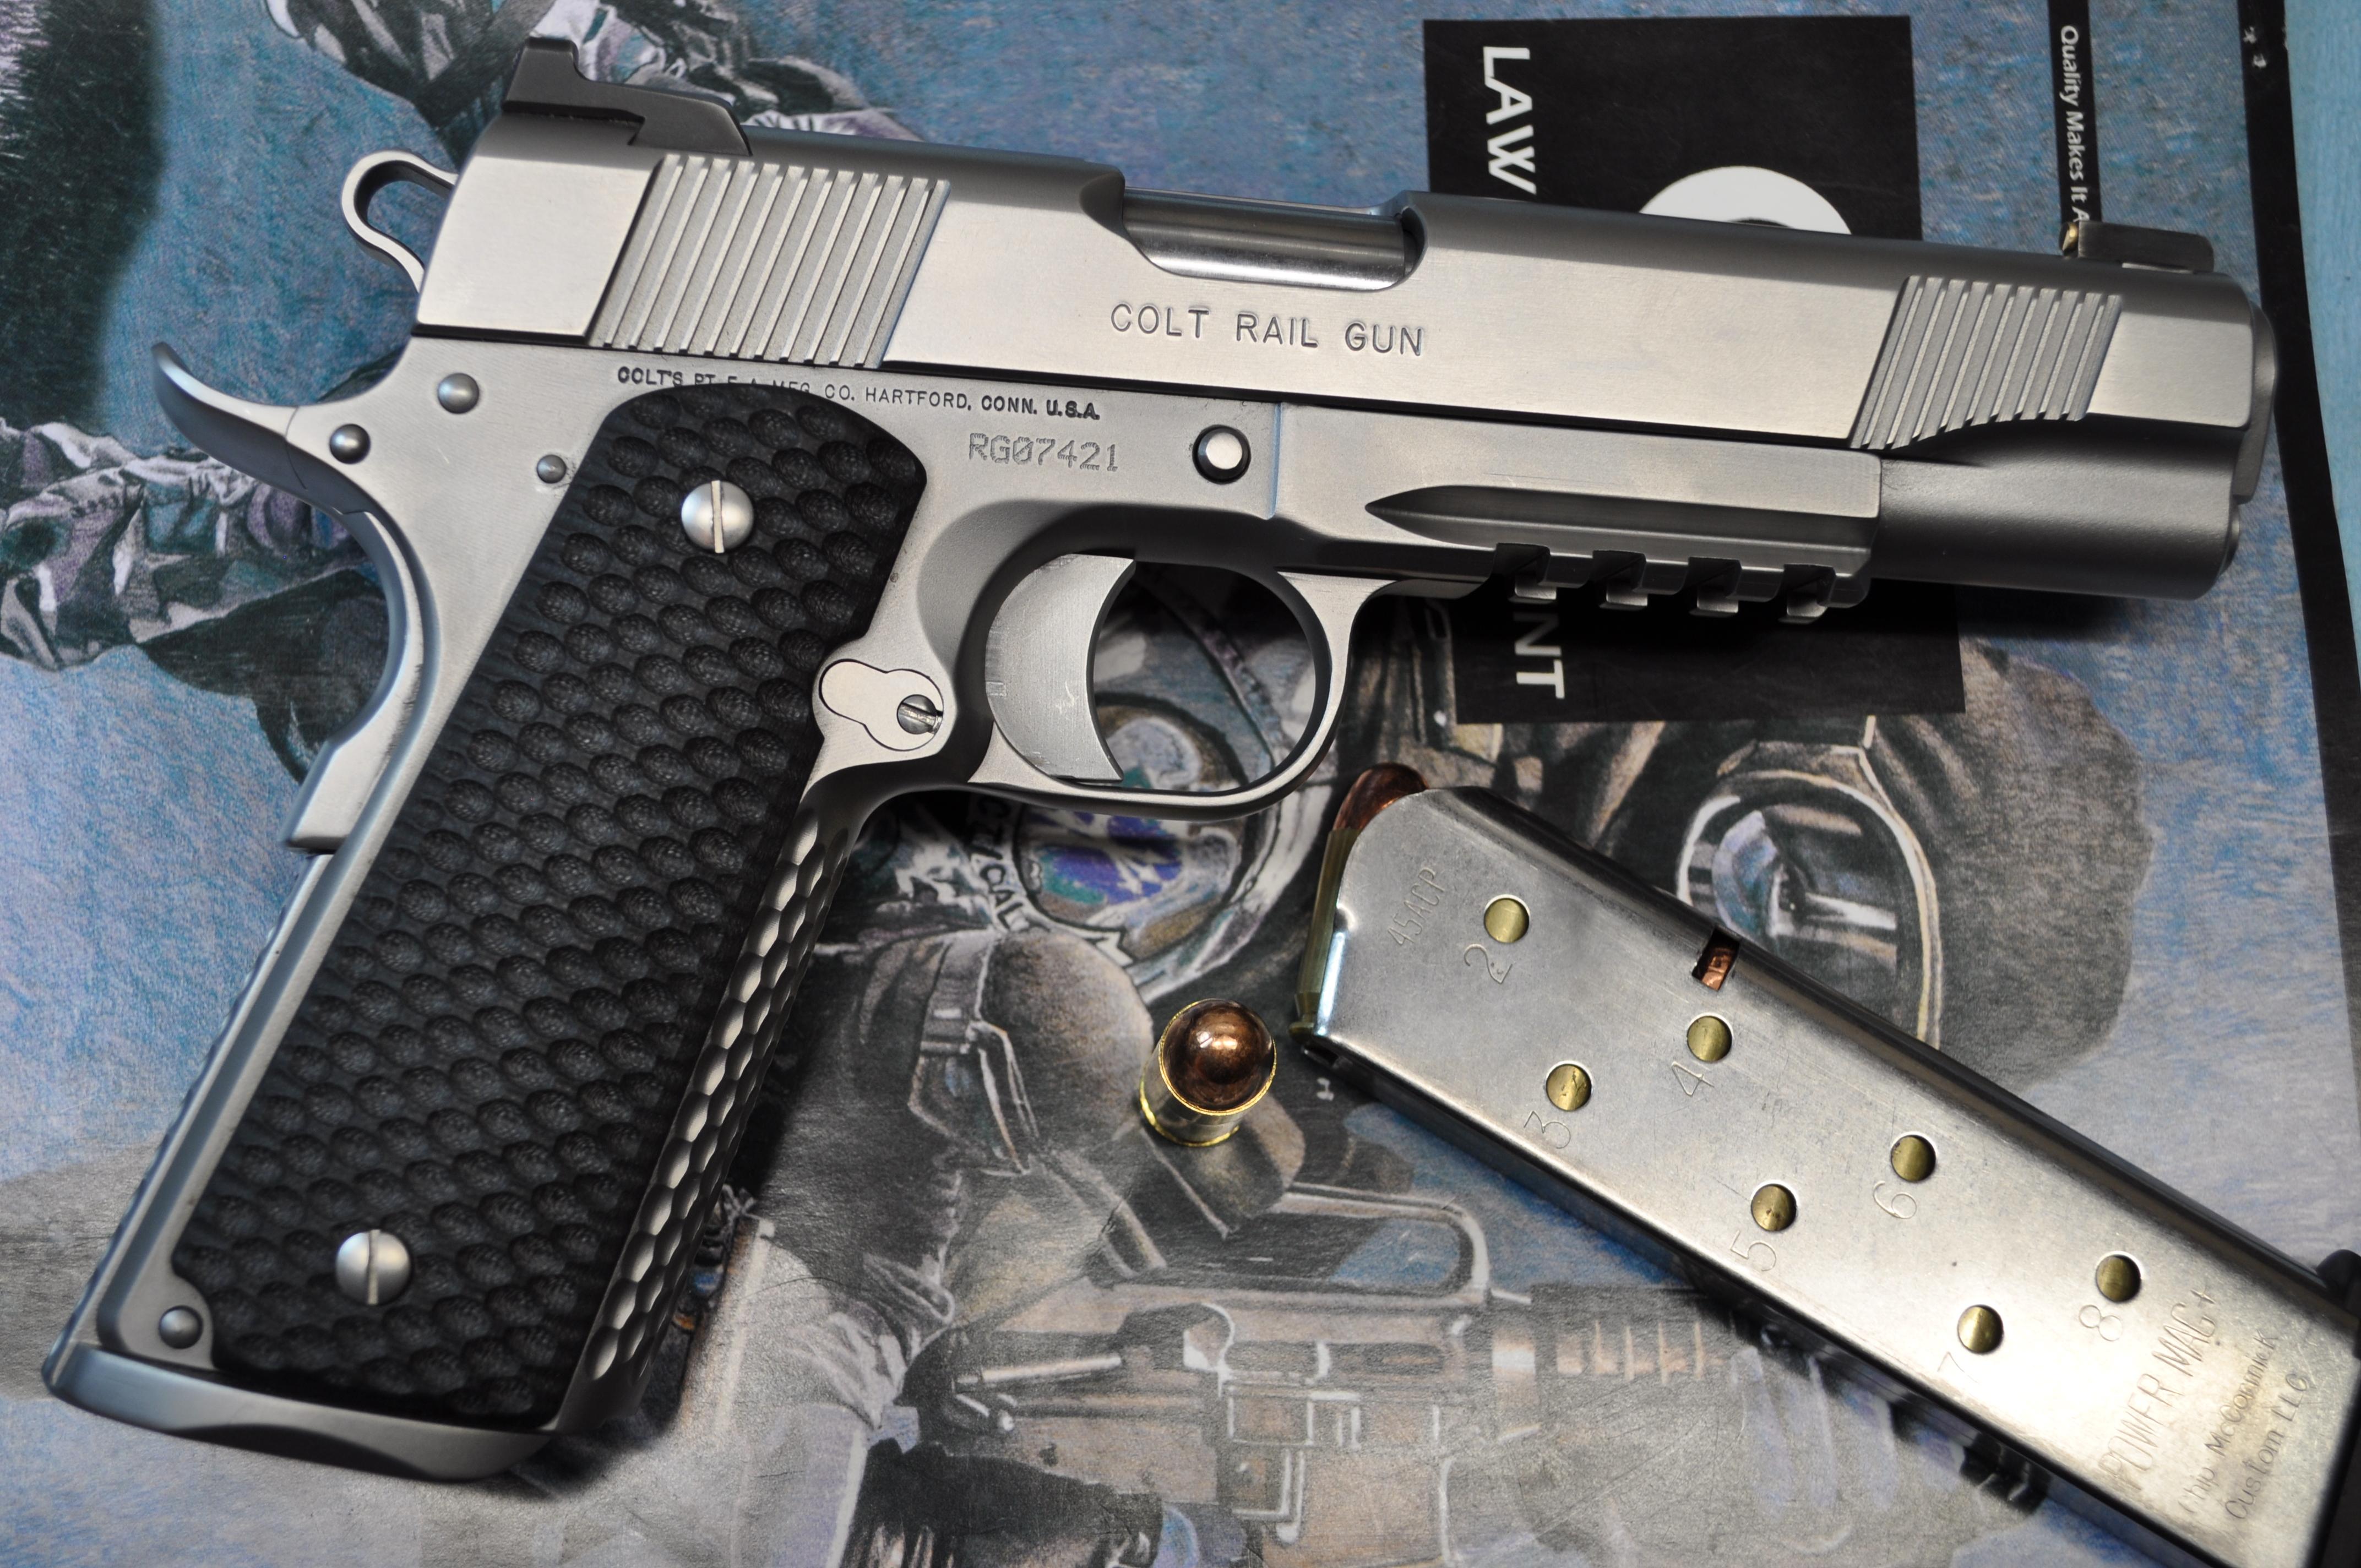 Stainless Colt rail gun | Bullock Custom